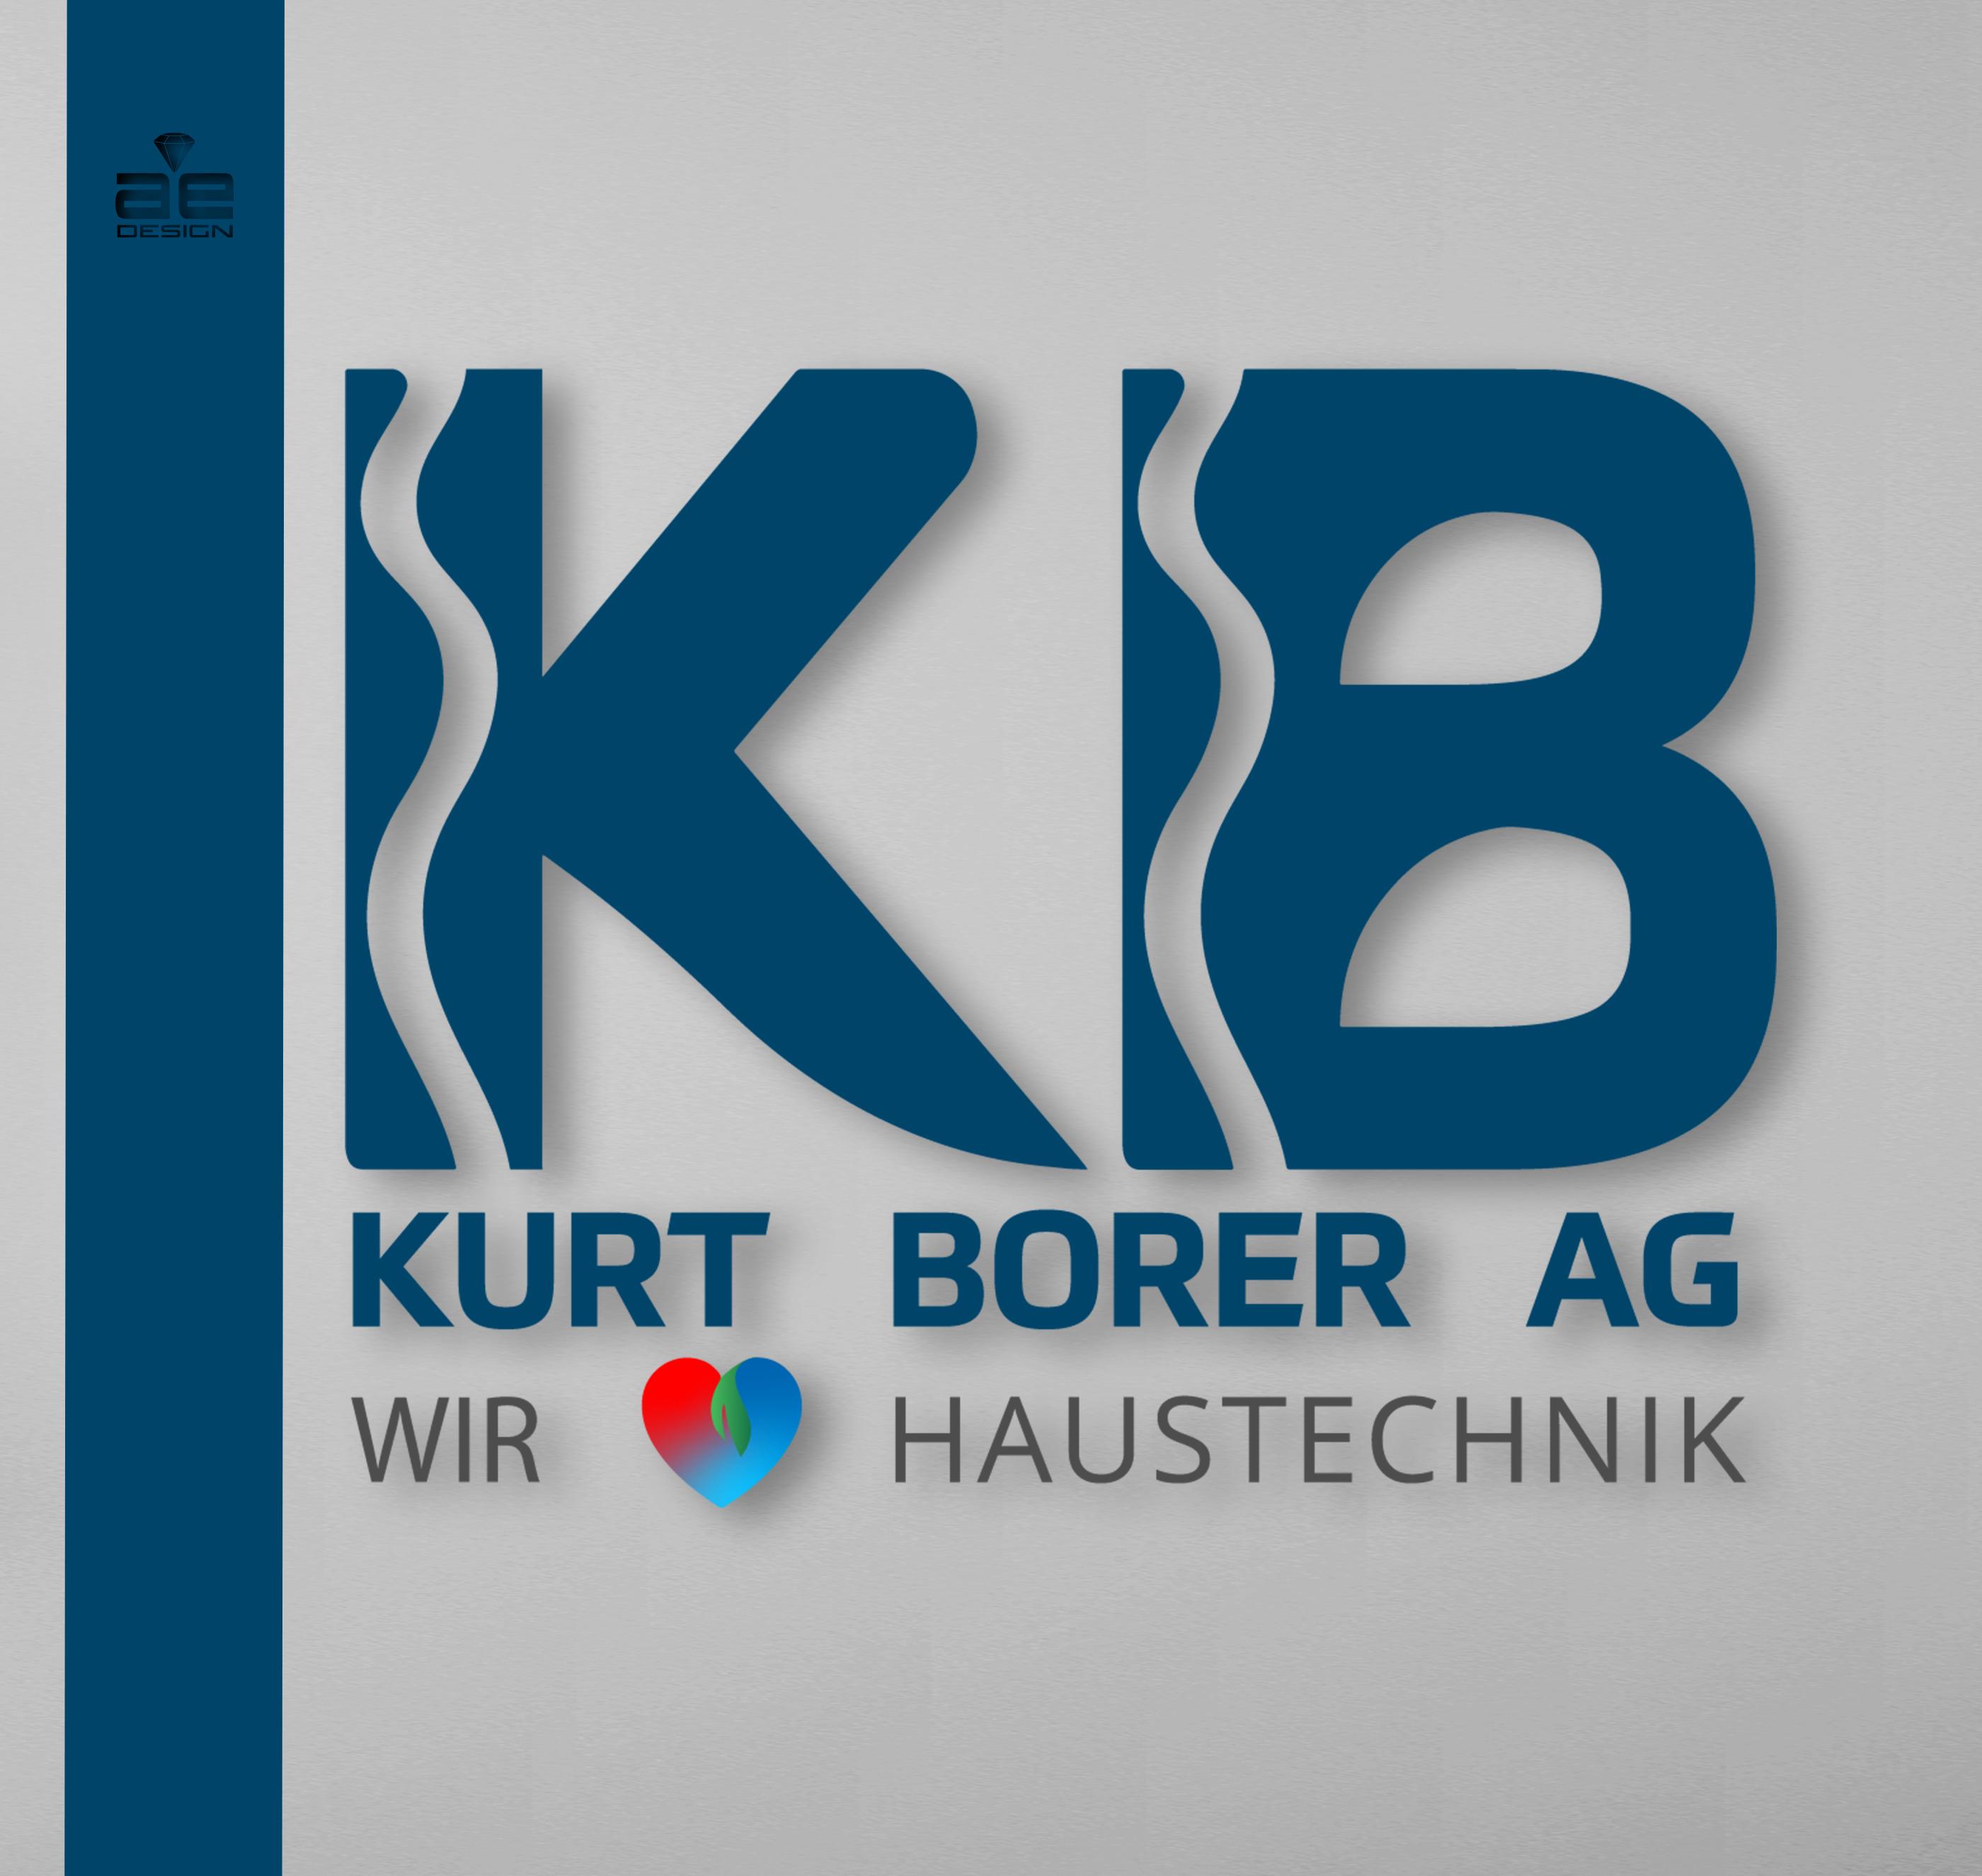 KURT BORER AG